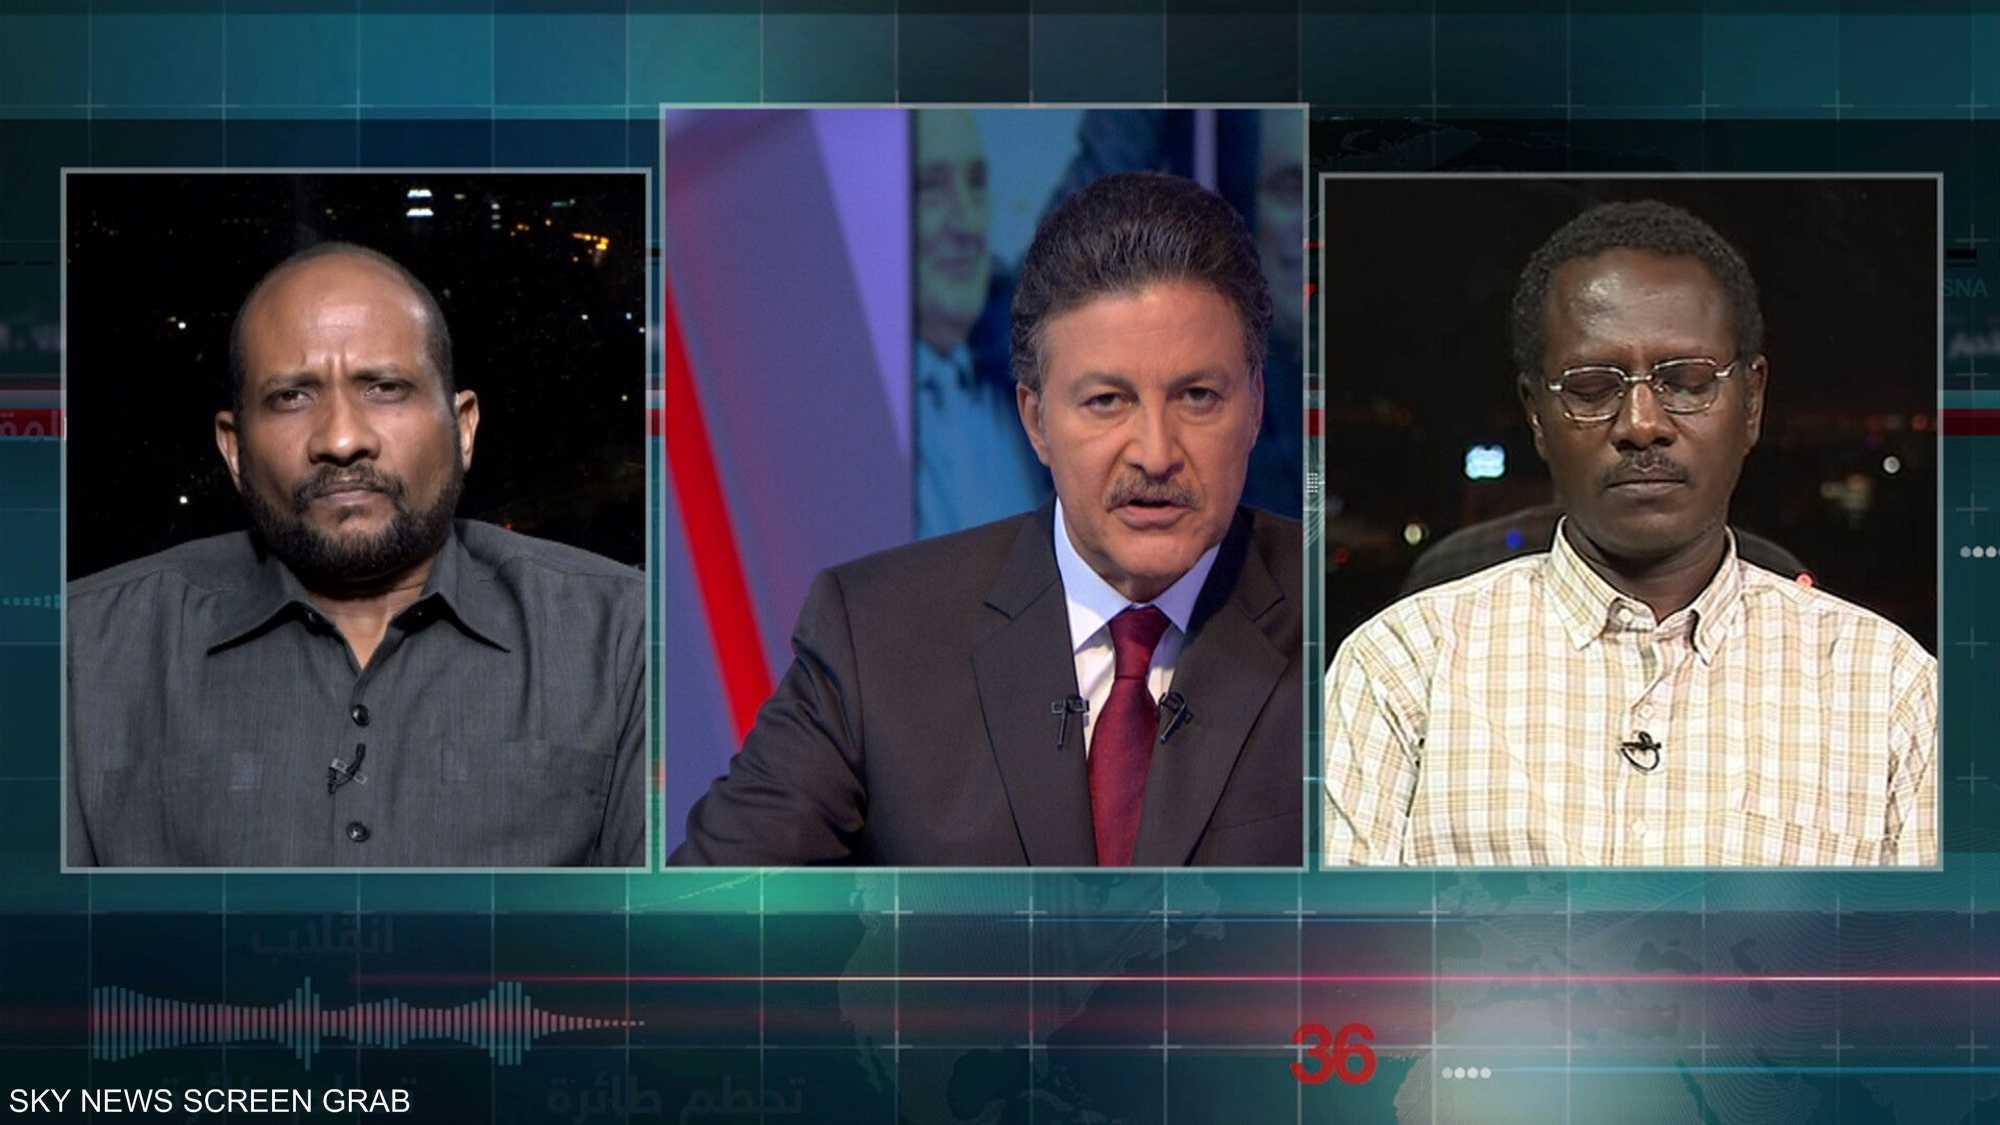 السودان.. اتفاق المرحلة الانتقالية والتفاصيل المتبقية